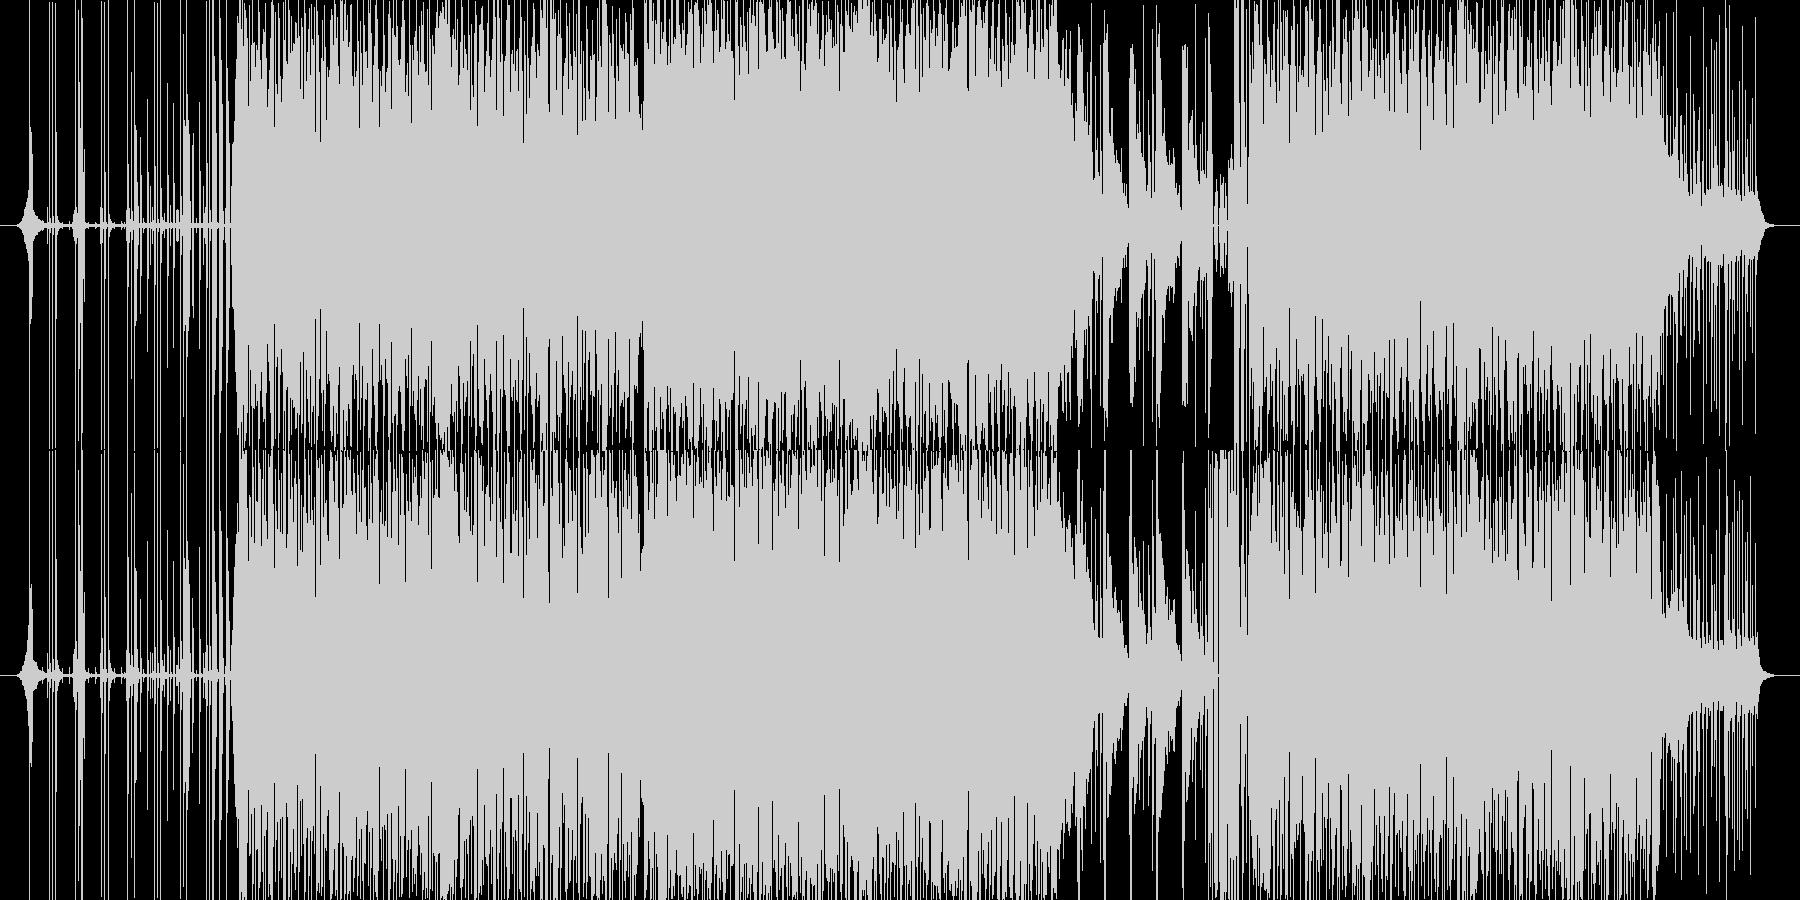 パーカッシブなリズミックテクノの未再生の波形